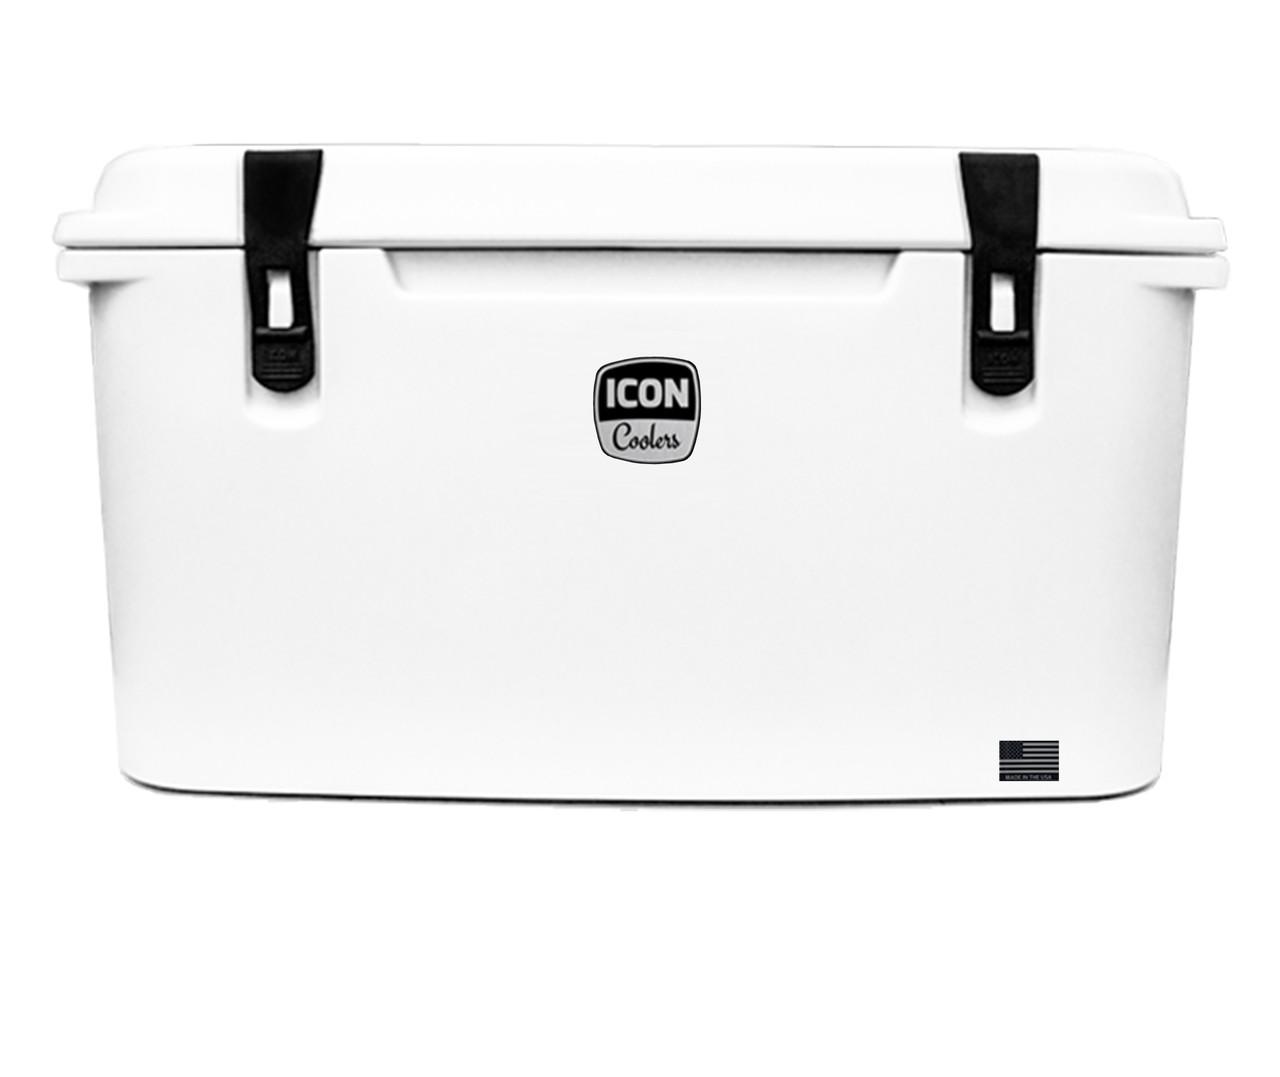 ICON 50 Ice White Front